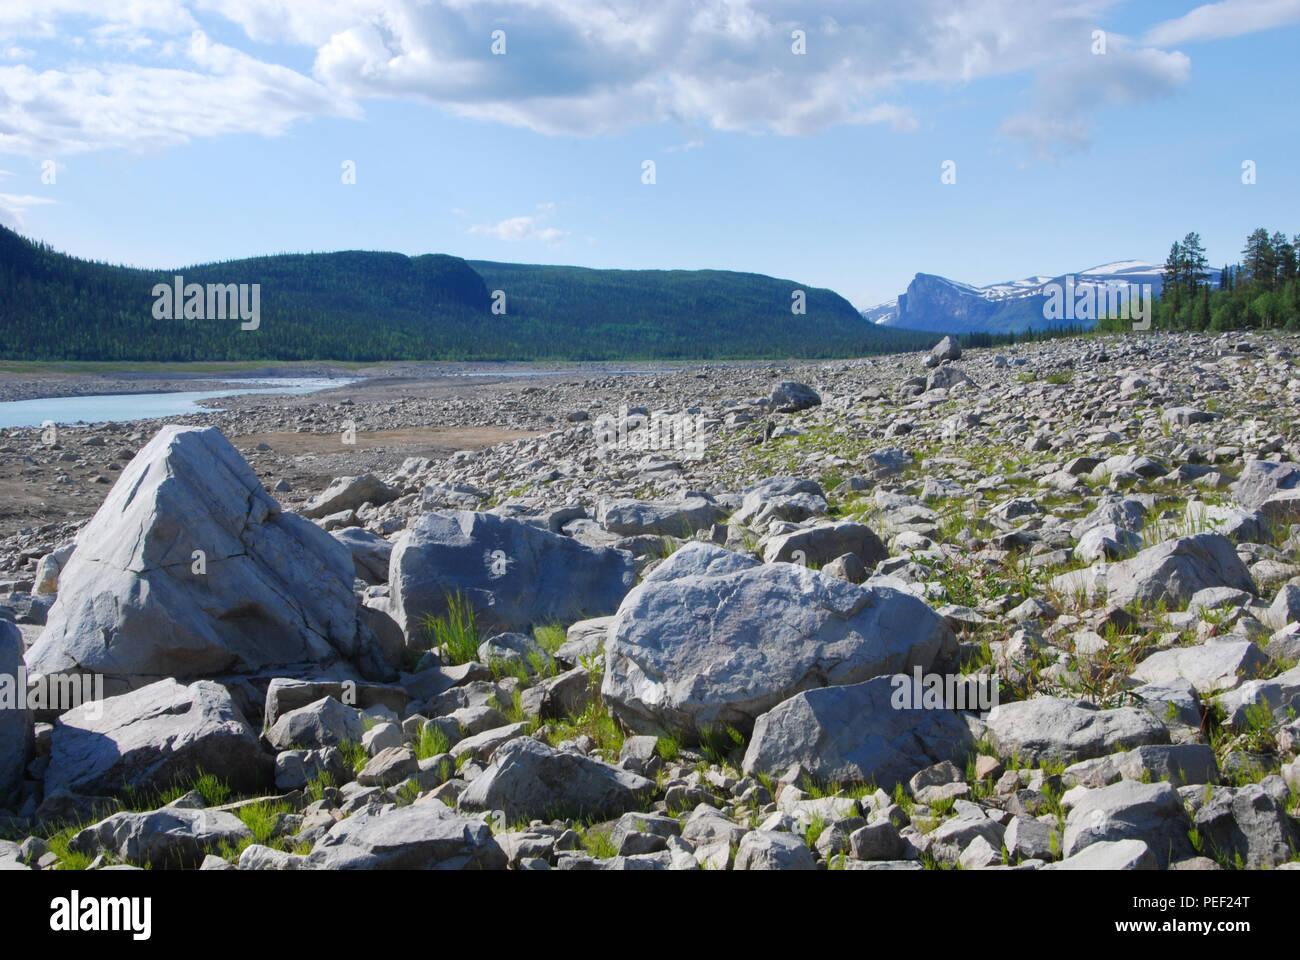 Rocky shore of (dammed) lake Tjaktjajaure. Jokkmokk, Norbotten, Sweden. 28.6.2009 - Stock Image